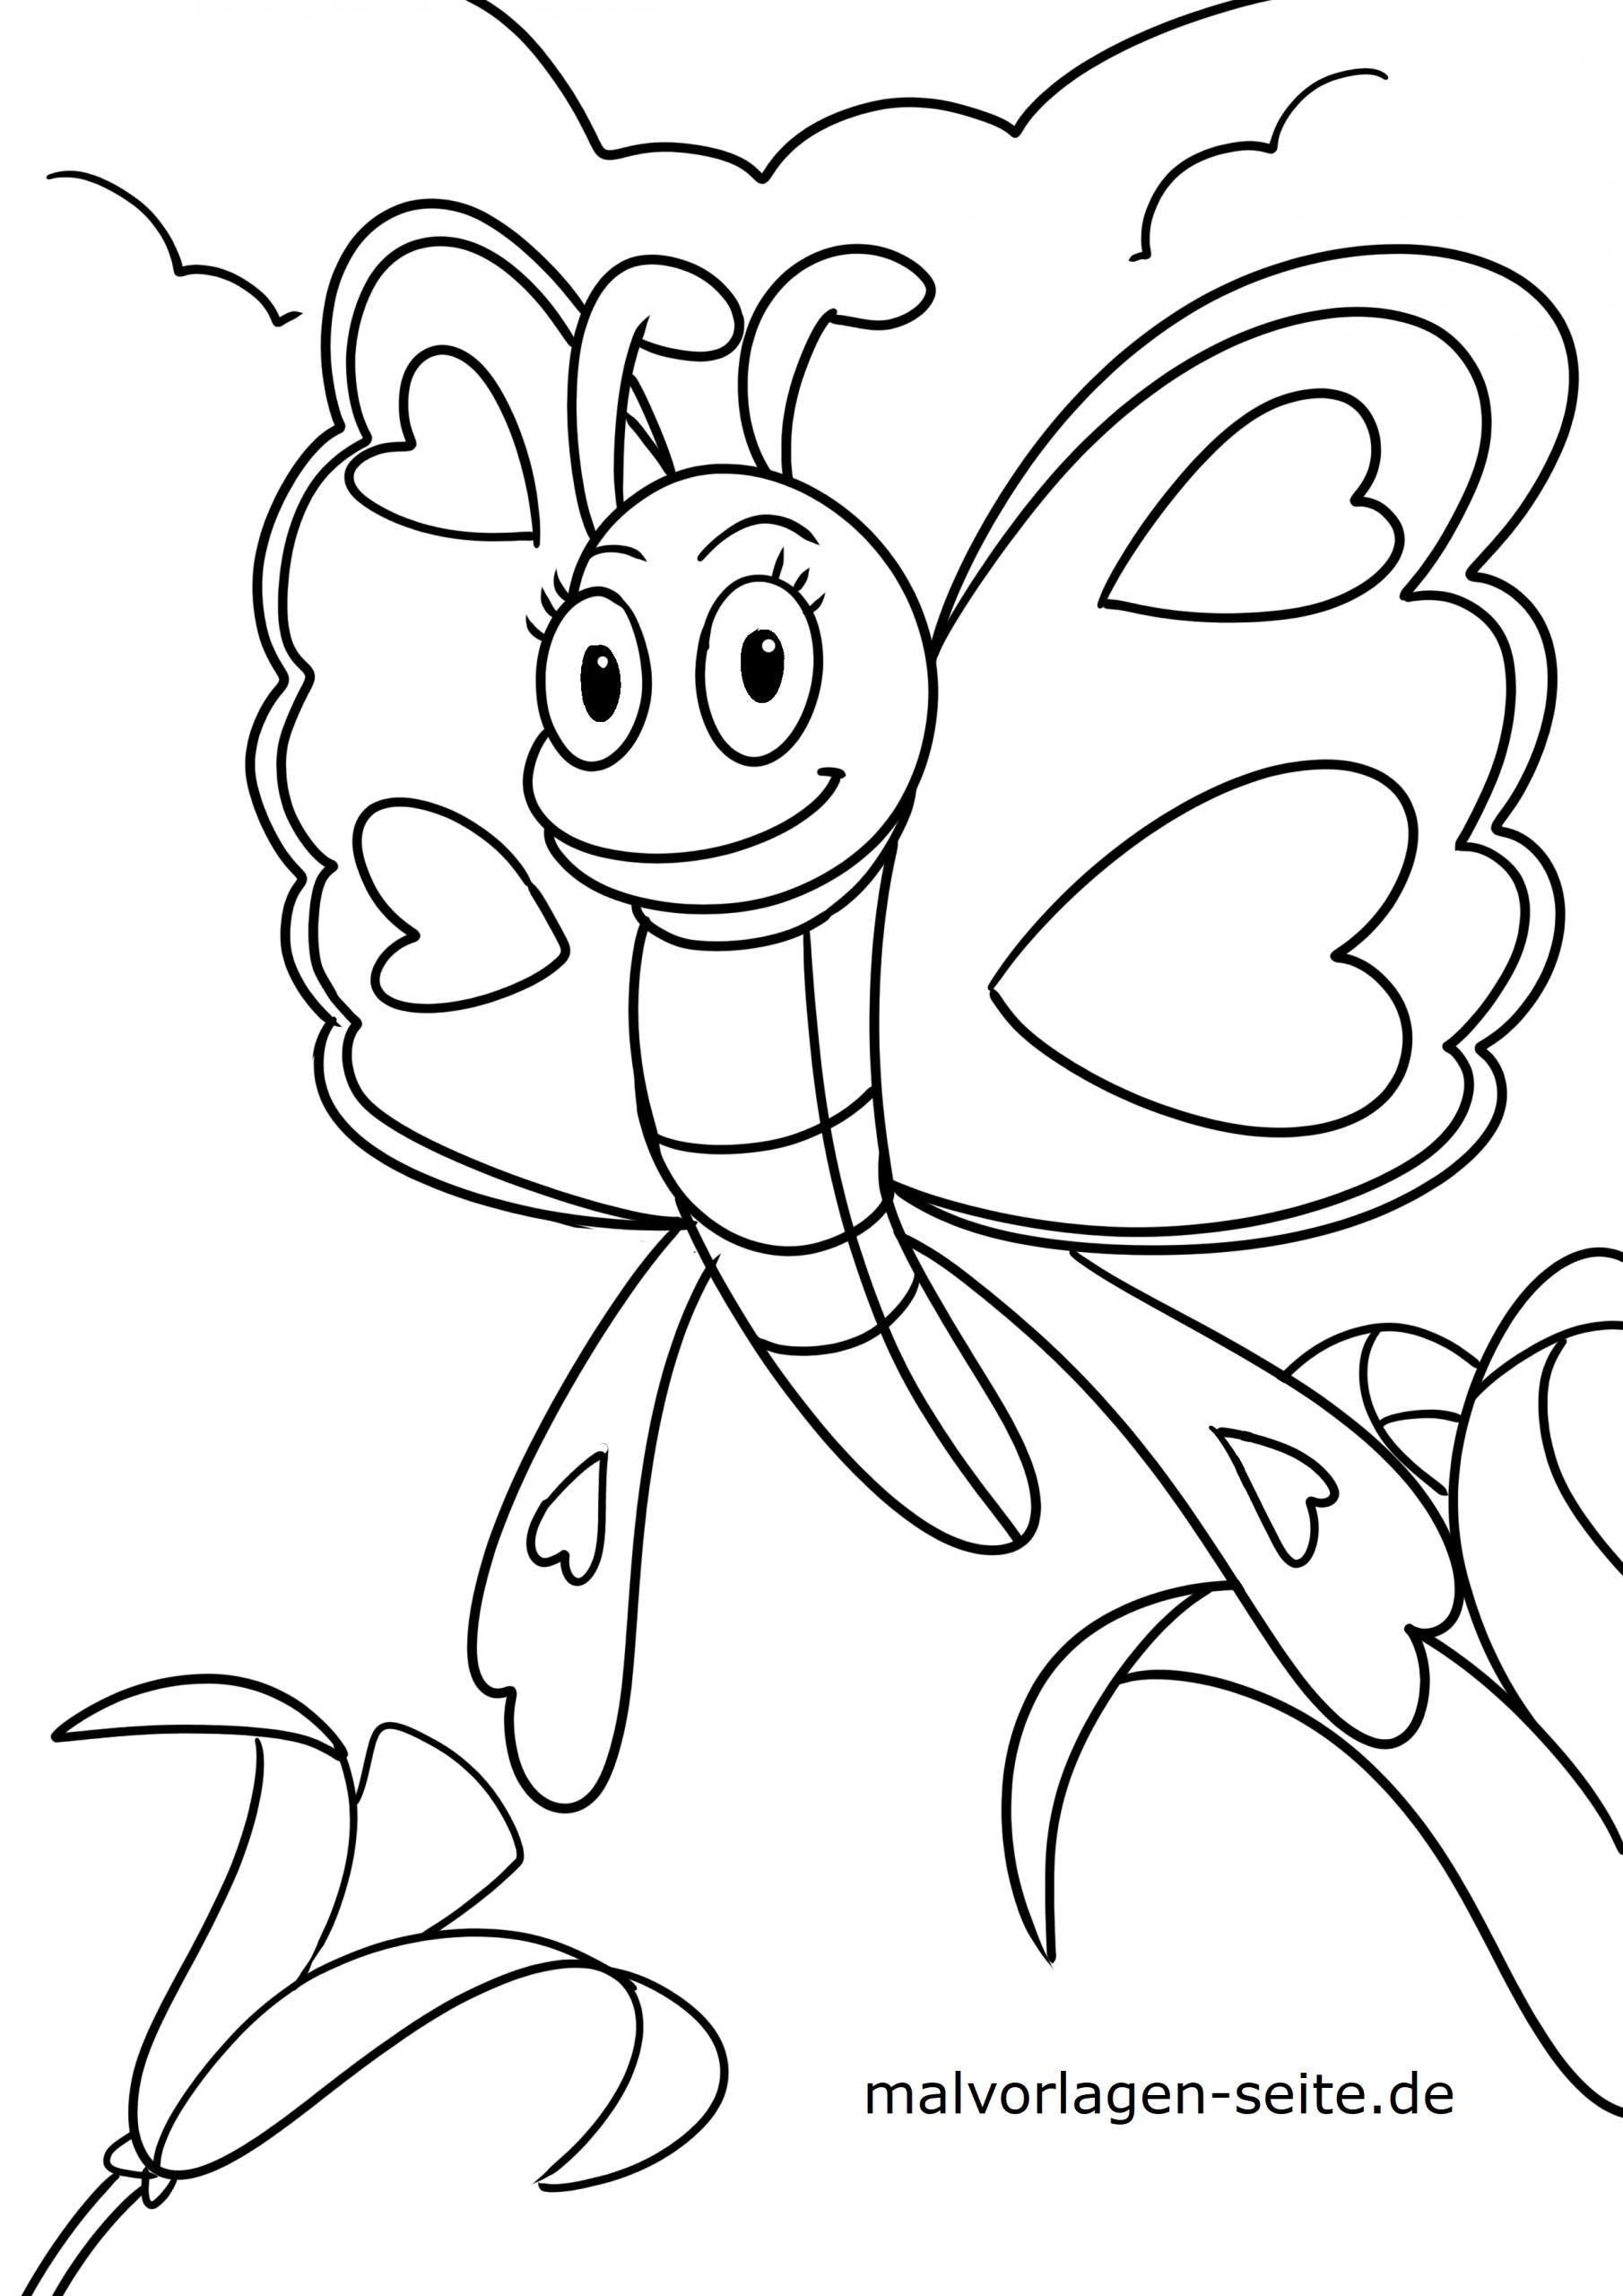 Malvorlage Schmetterling - Ausmalbilder Kostenlos Herunterladen bestimmt für Malvorlage Schmetterling